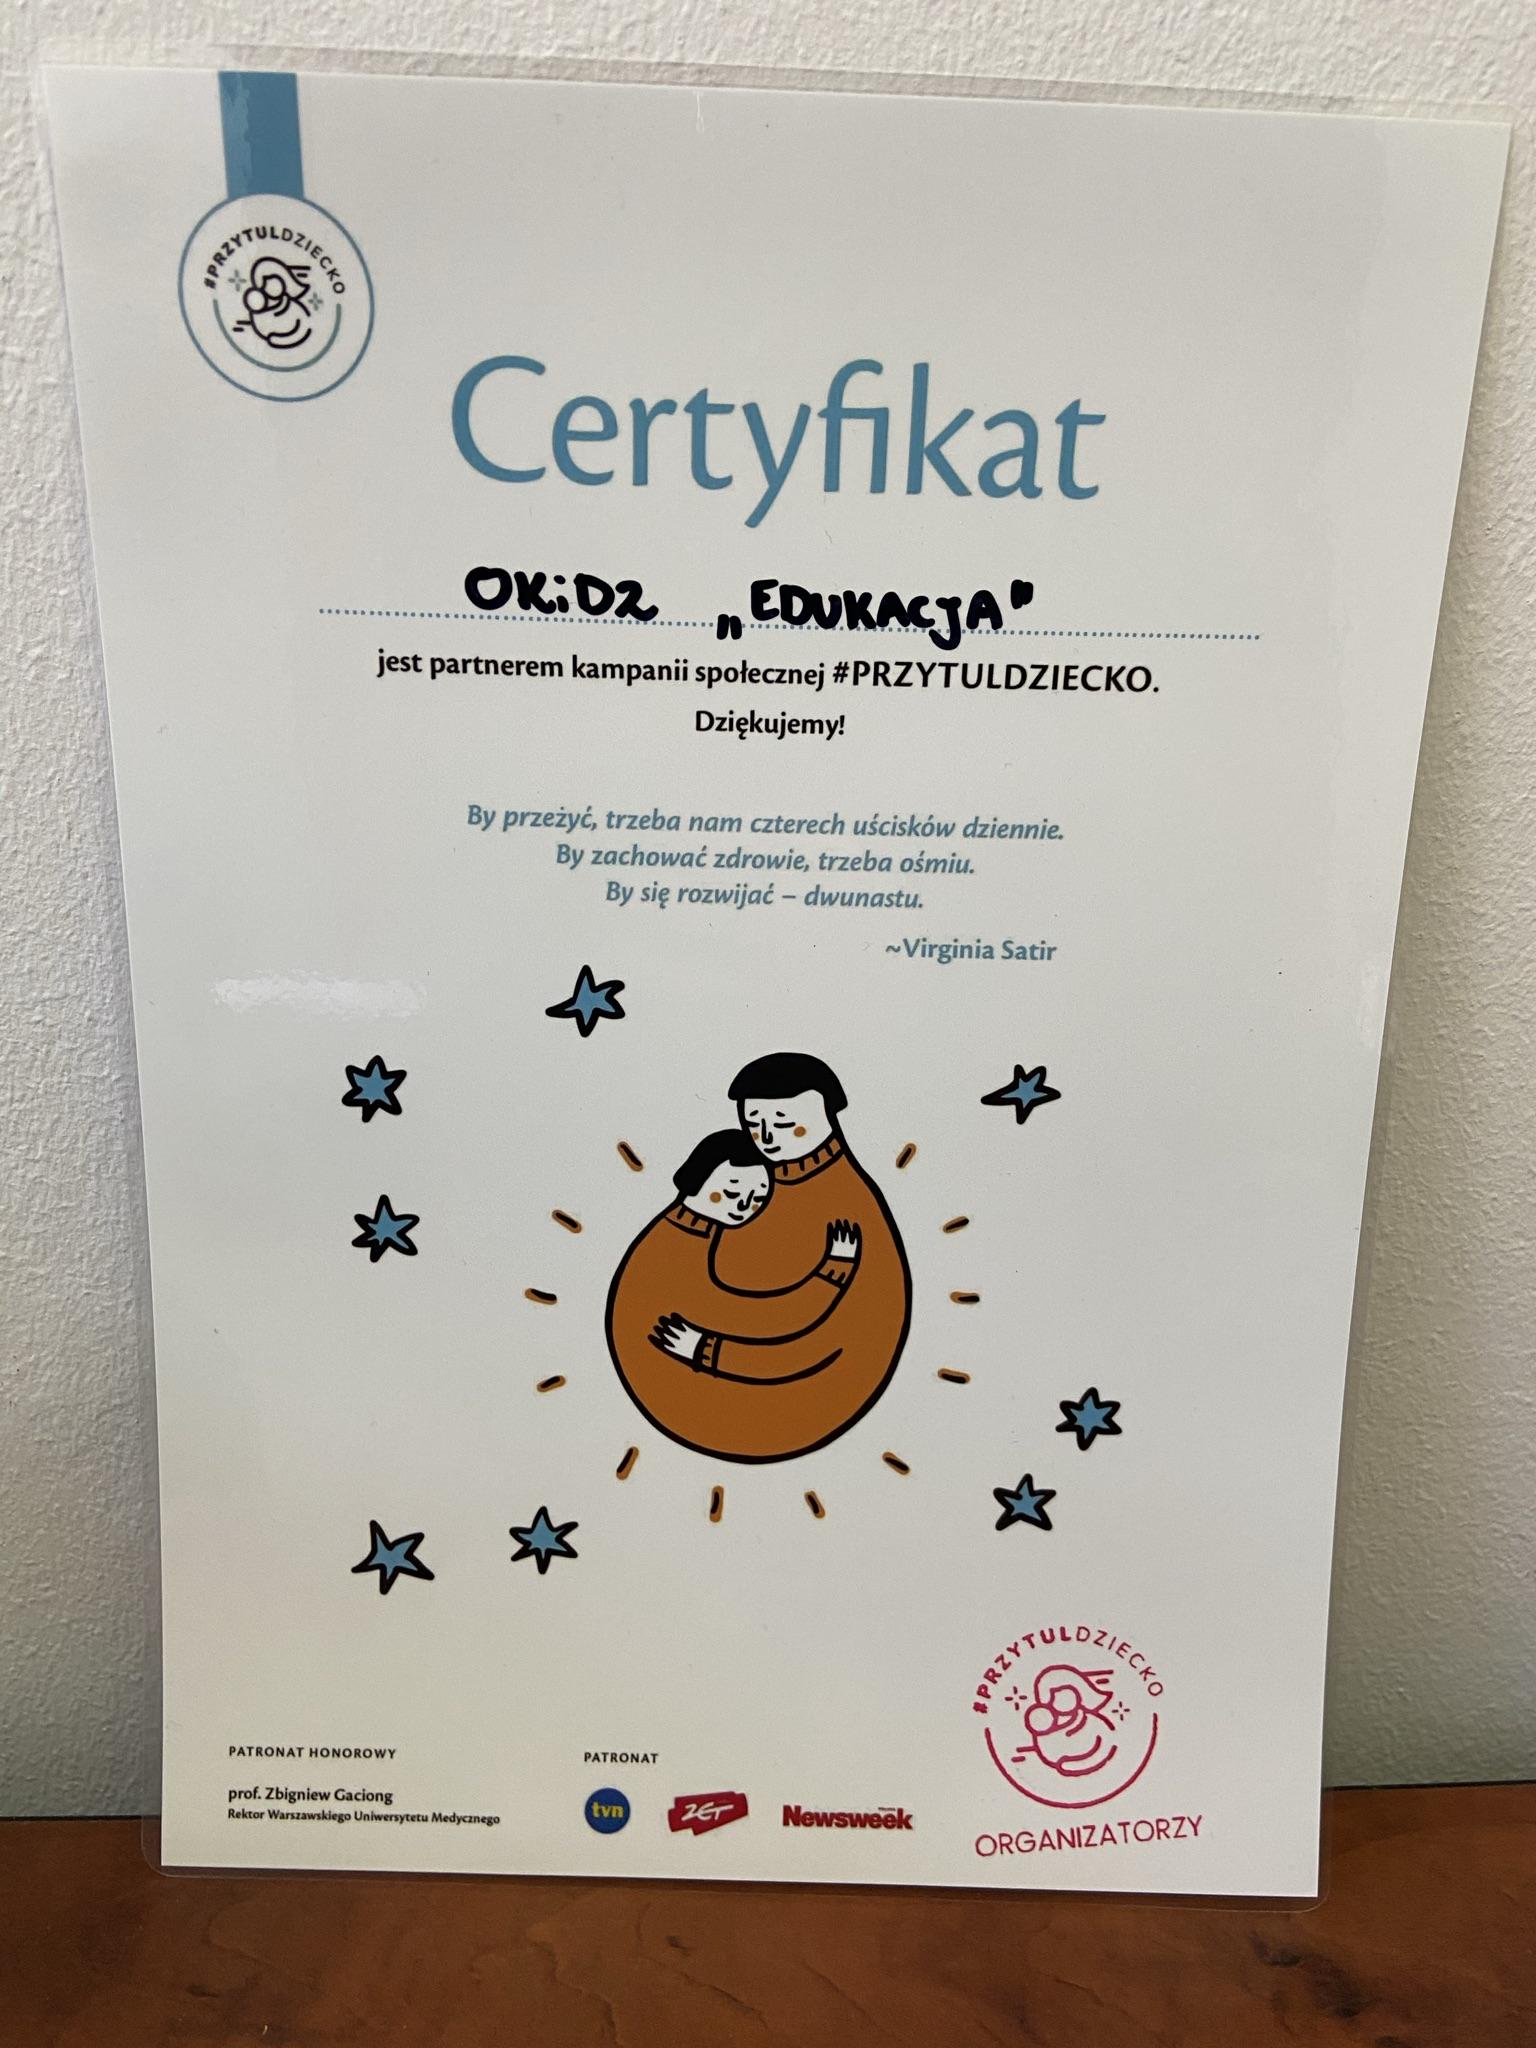 Certyfikat akcji #przytuldziecko